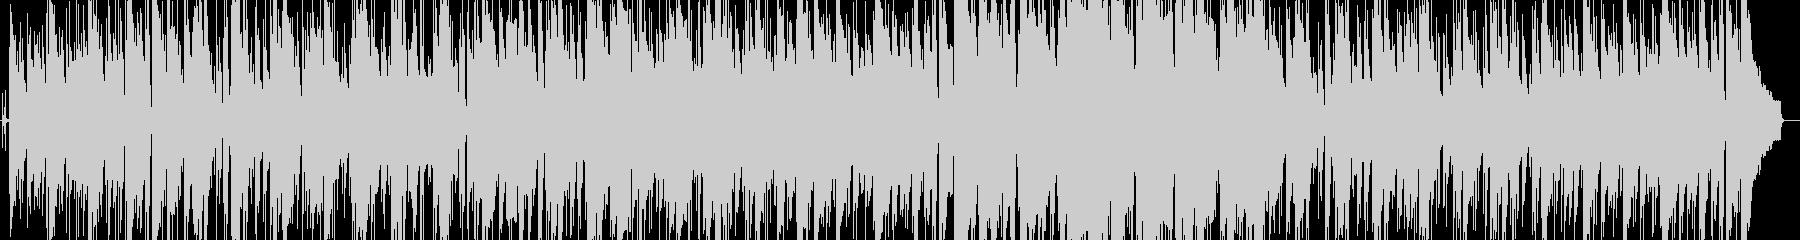 ゆったりと落ち着いたボサノバの未再生の波形